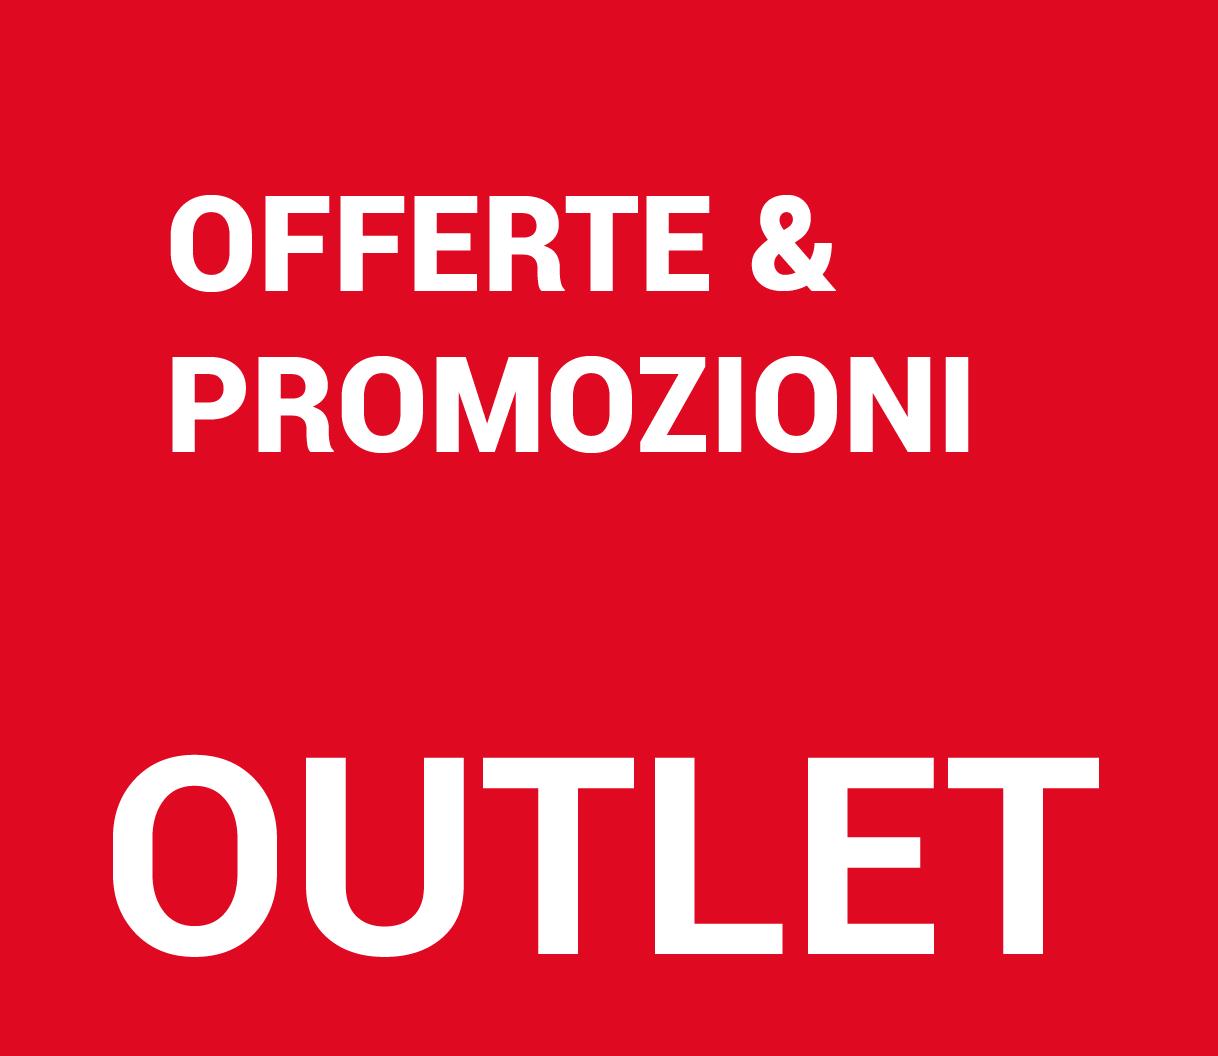 offerte-promozioni-outlet